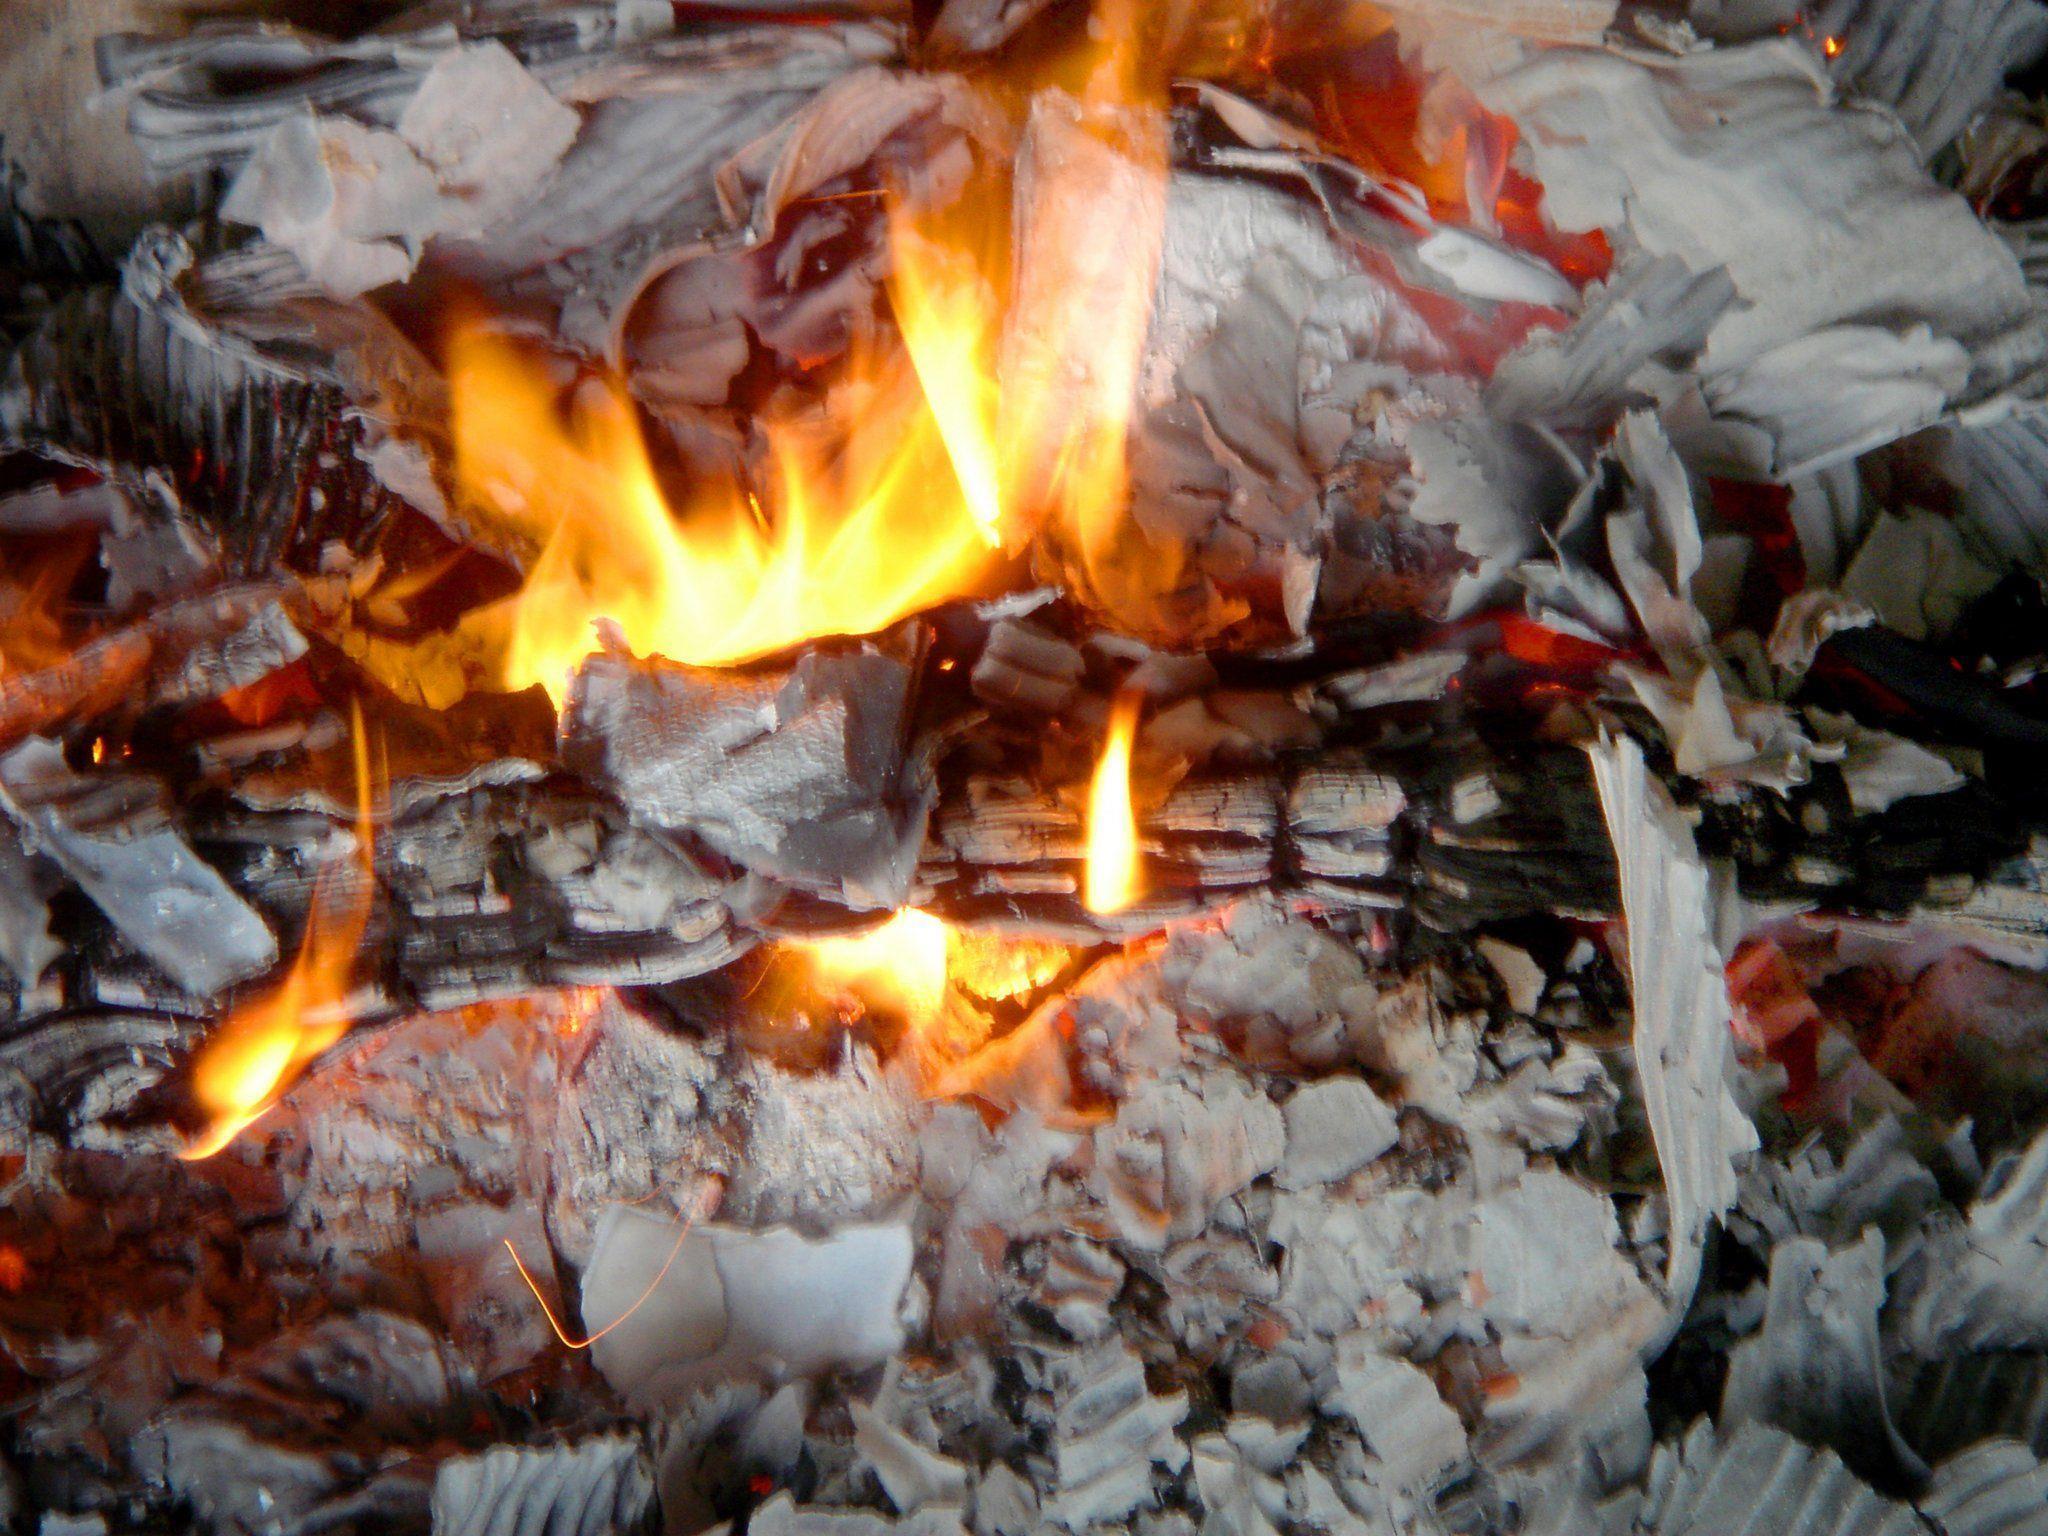 Die Buben hatten im Obergeschoß mit brennenden Briefkuverts hantiert, es entstanden 30.000 Euro Schaden.